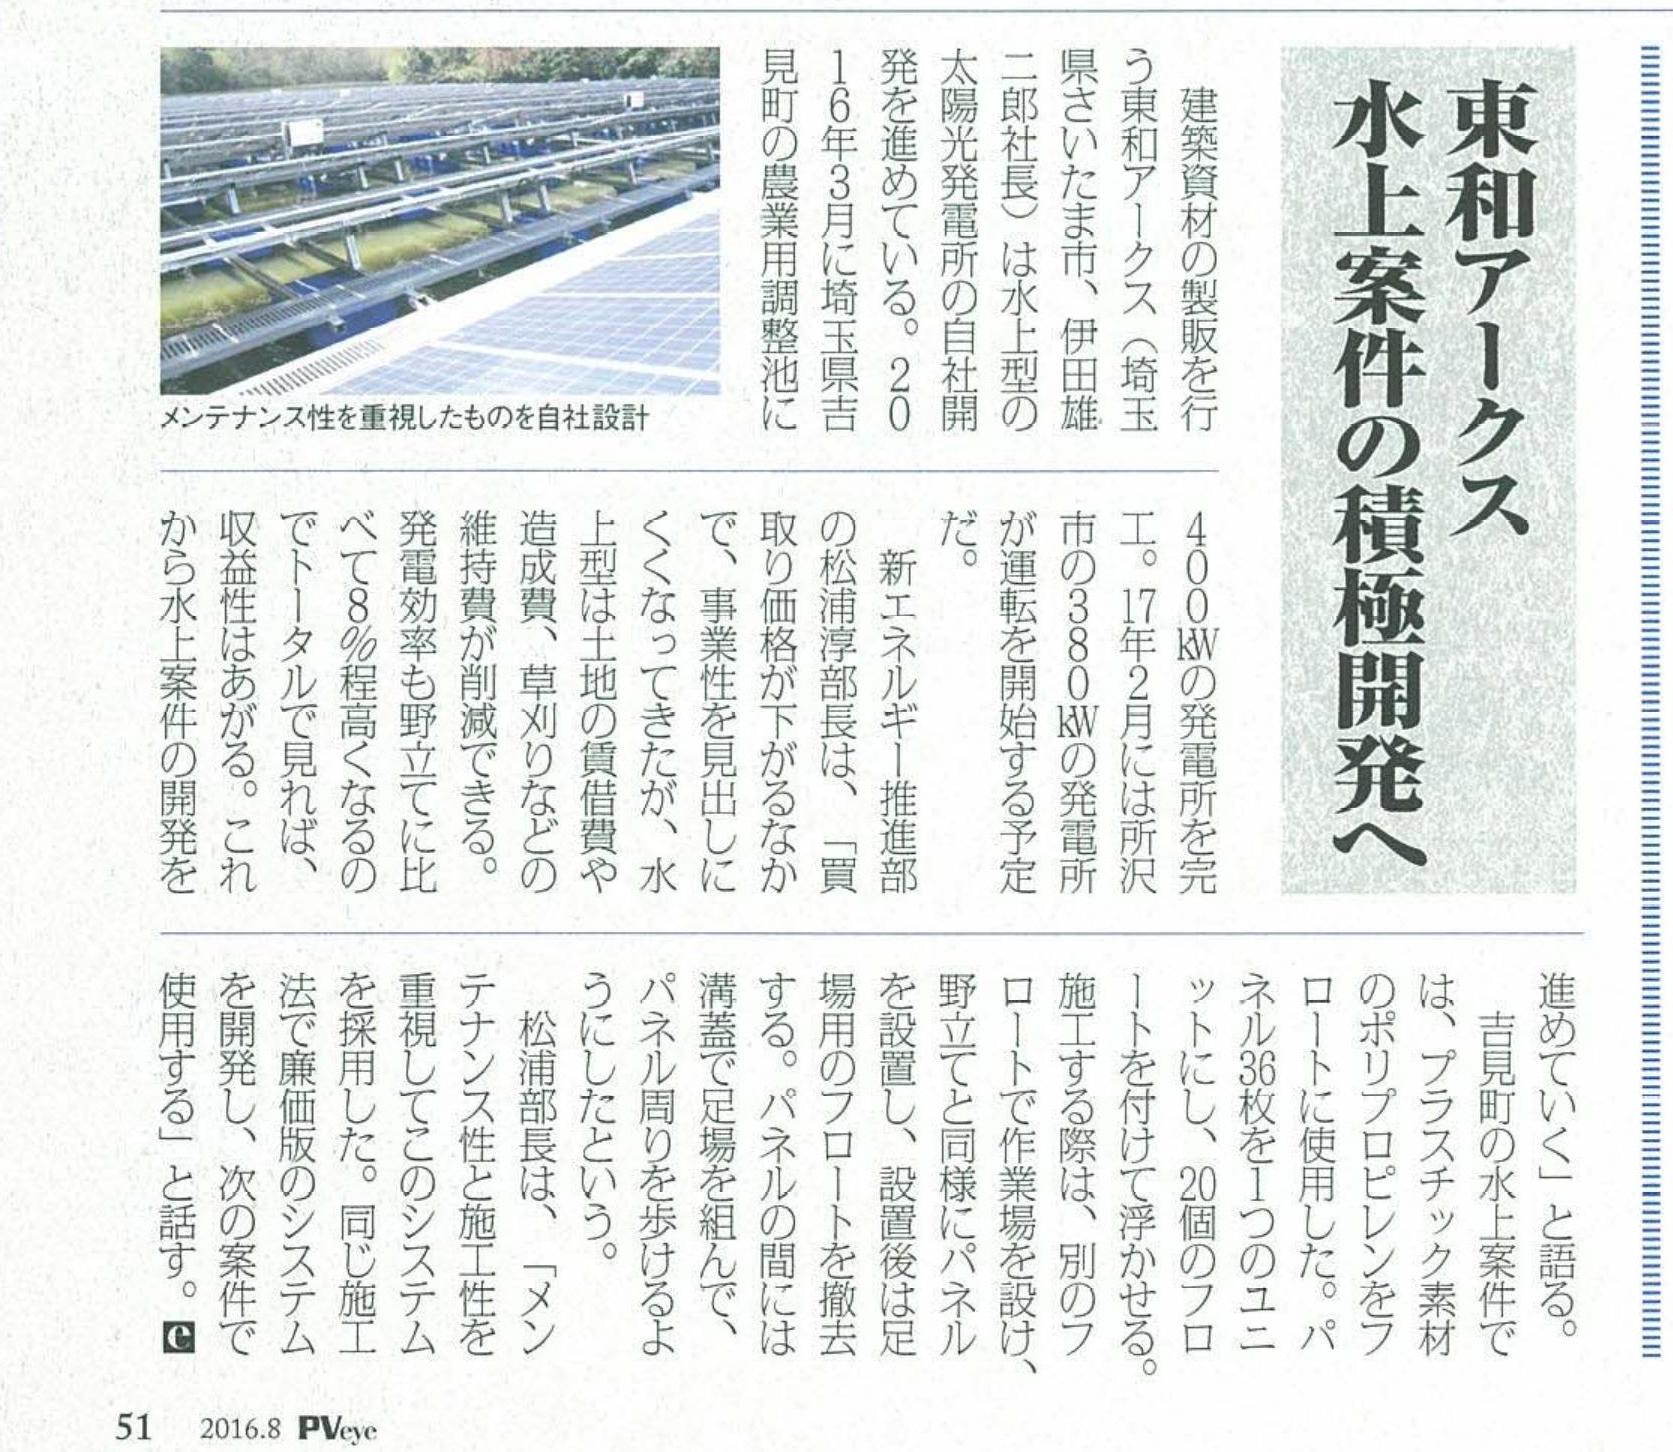 東和アークス(株)の水上太陽光発電事業を取り上げた記事